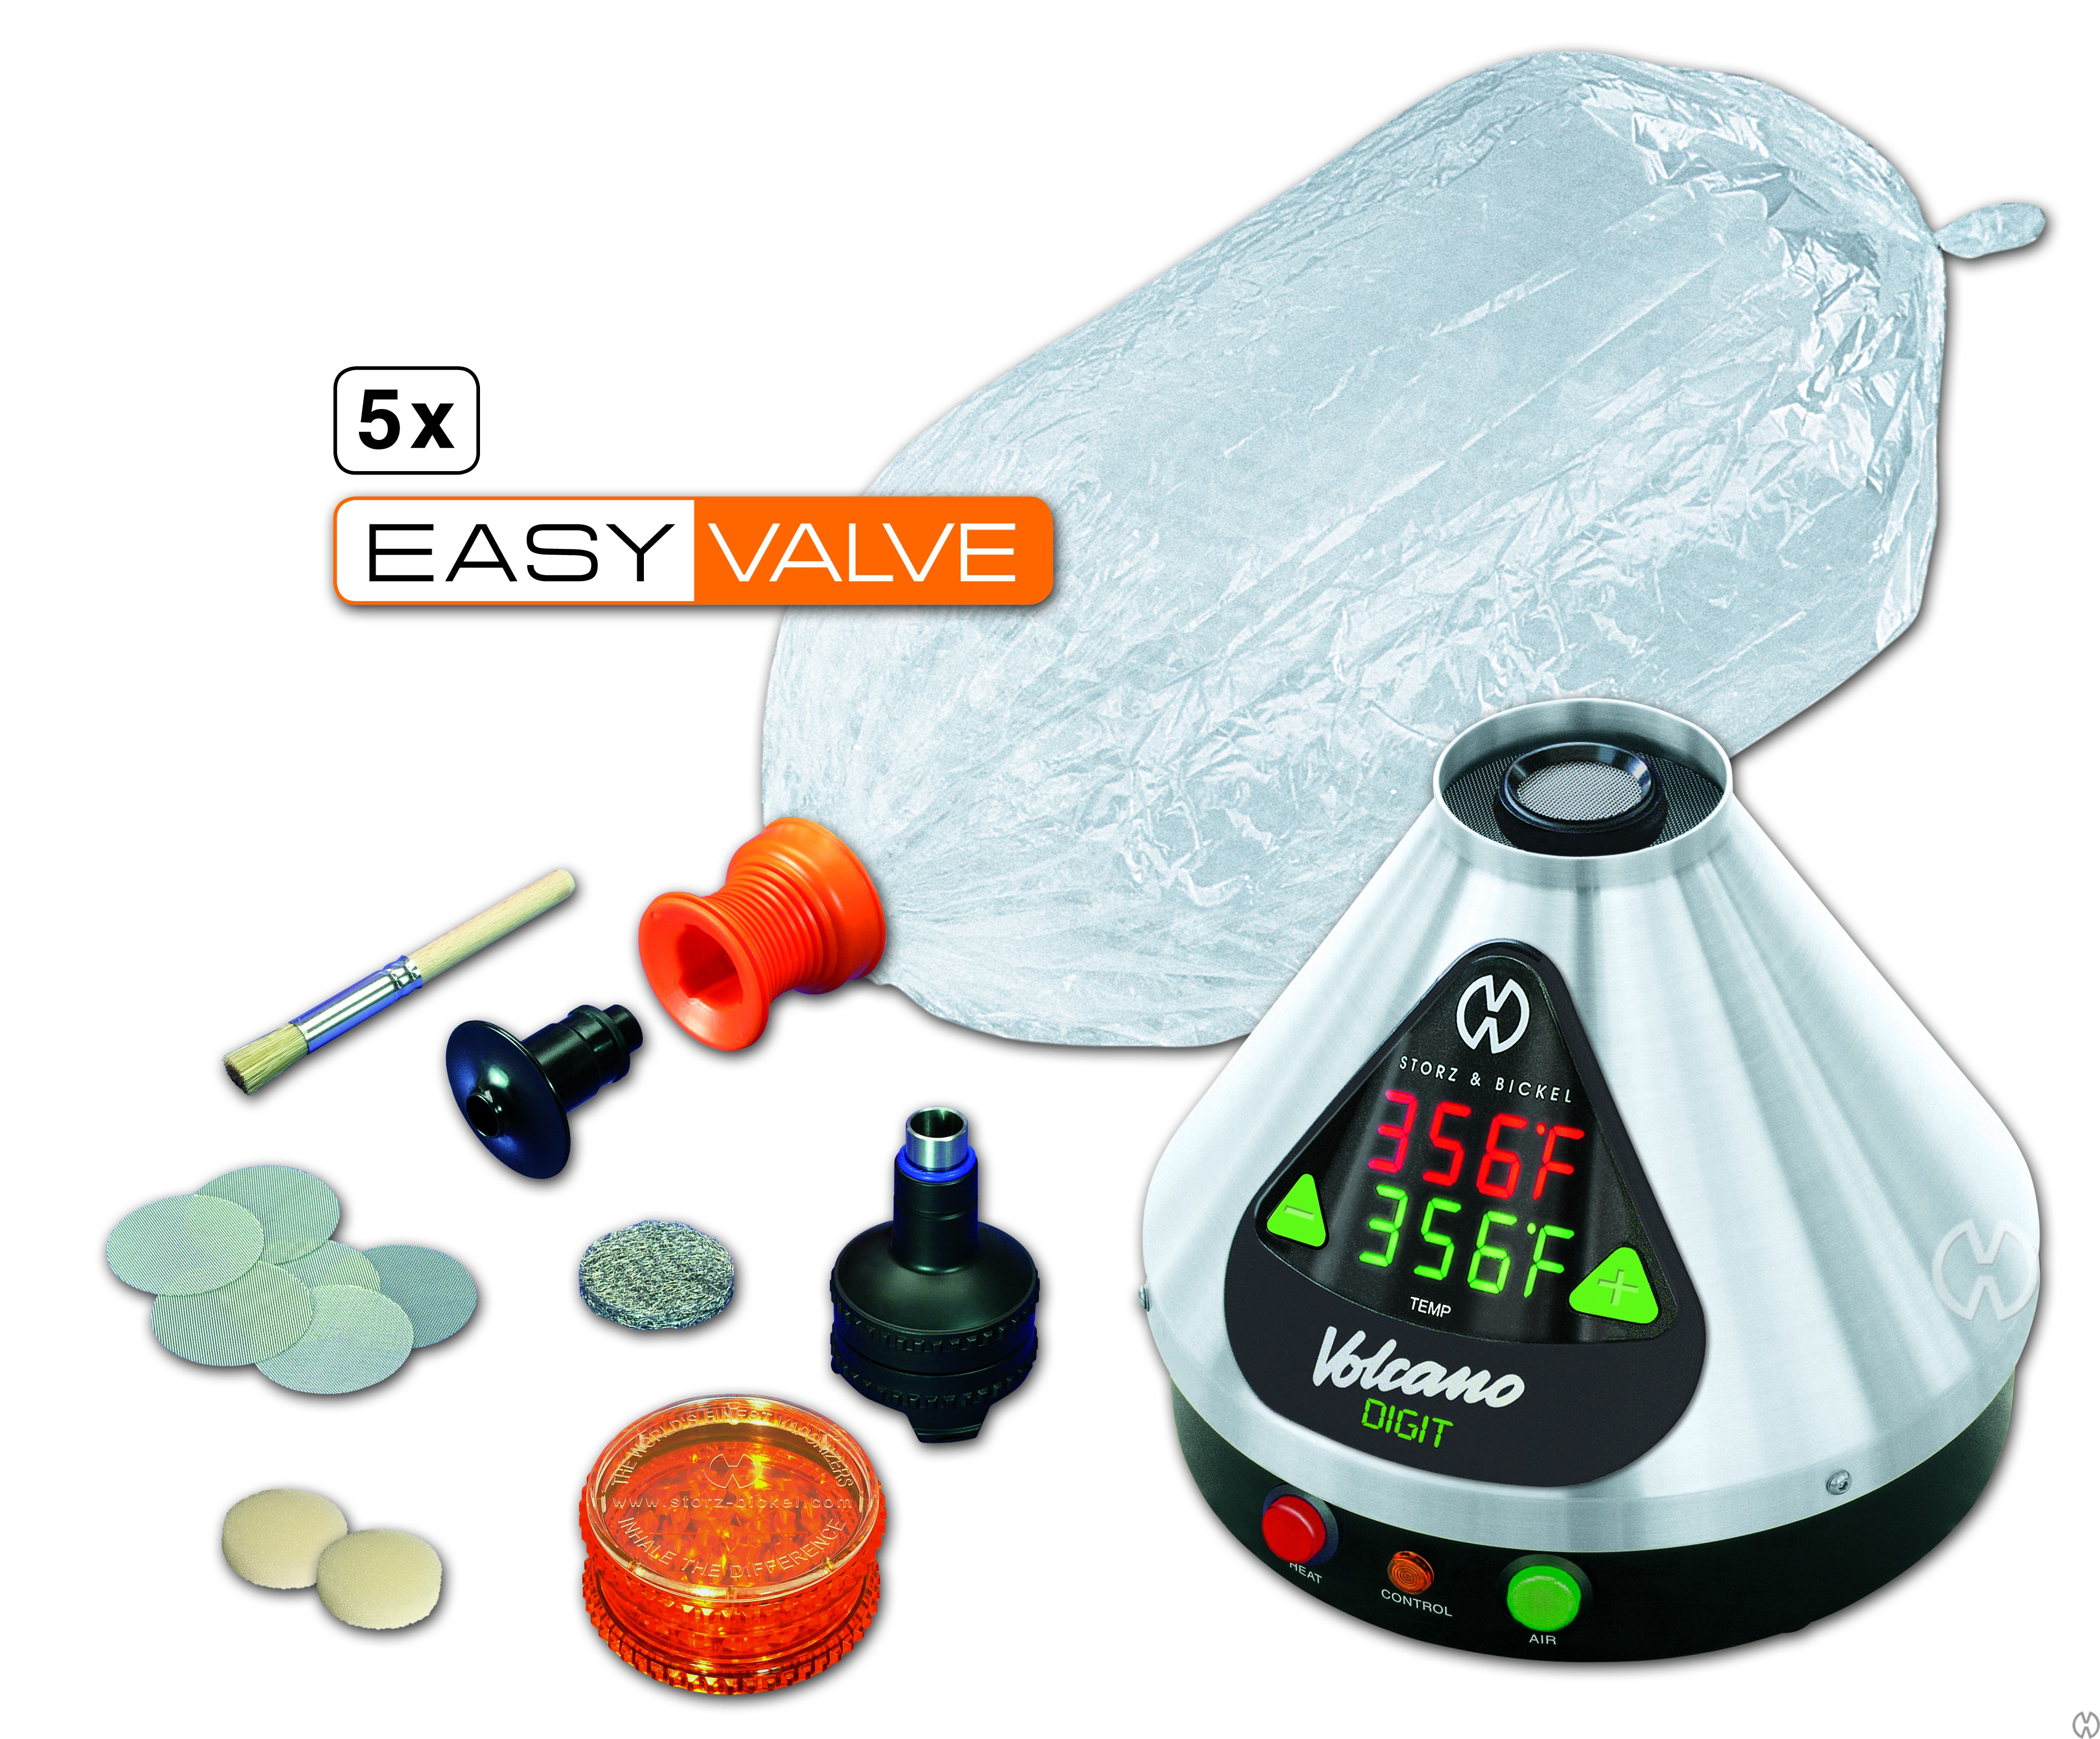 Vaporizer Volcano Digit Easy Valve set (vaporizer,inhalátor,odpařovač)